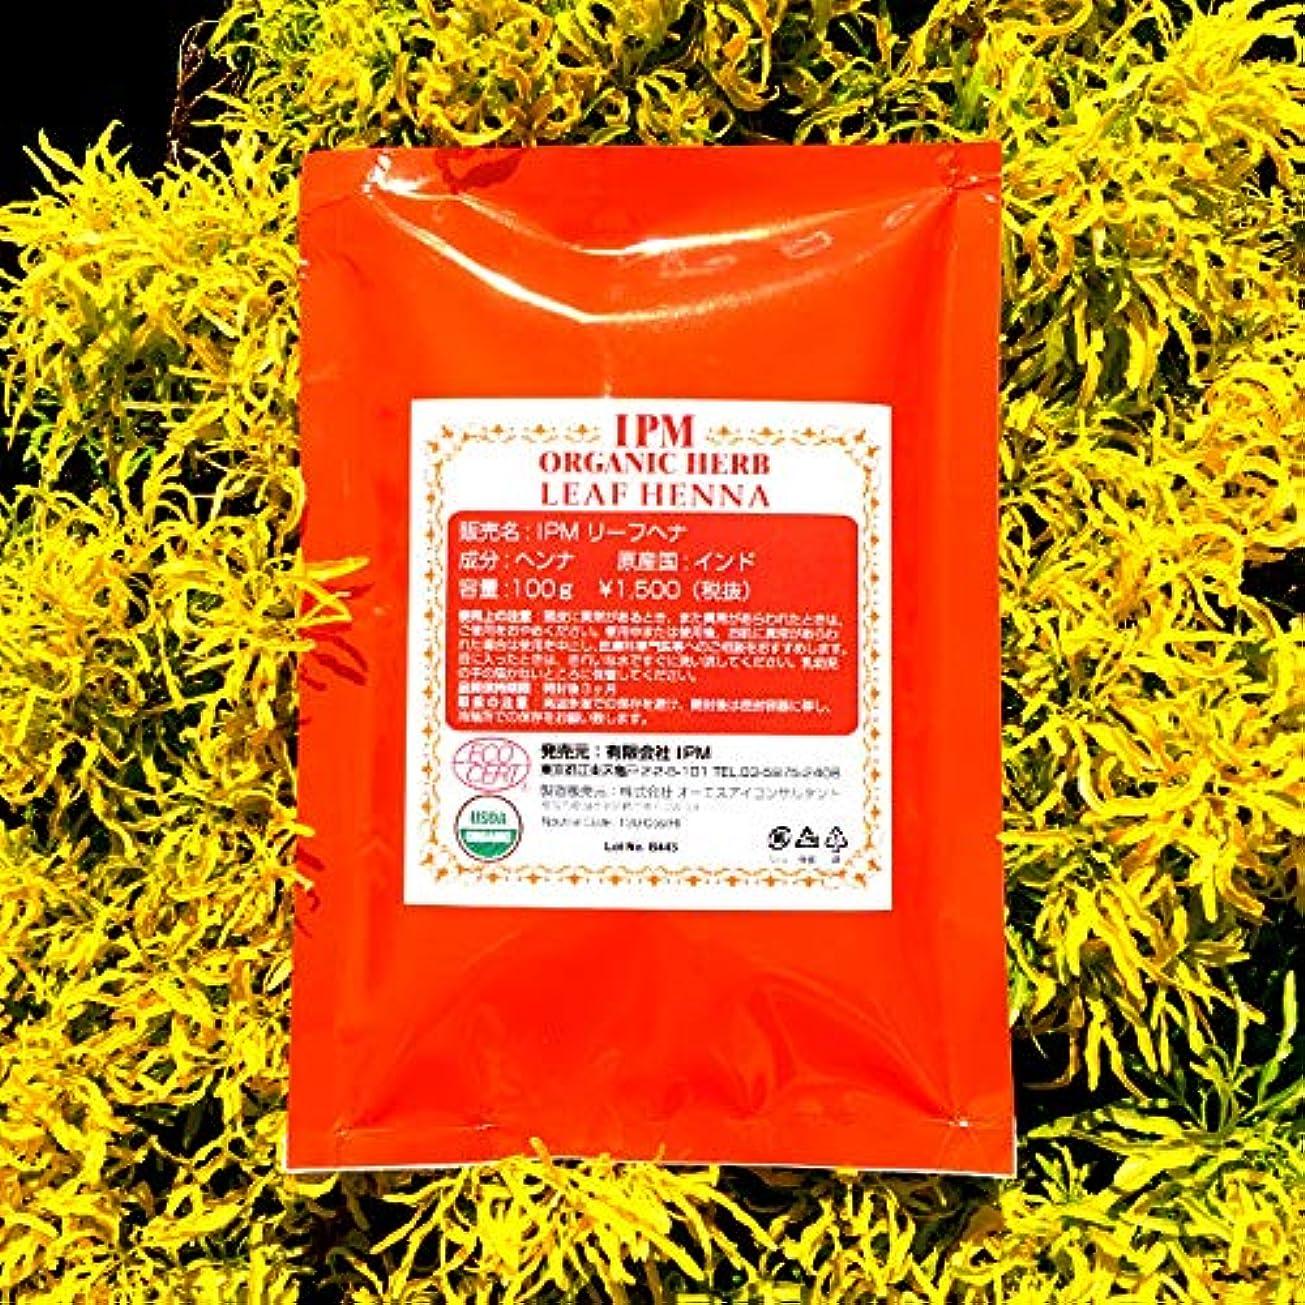 満足手のひら加速するIPMヘナ 大袋(100g×5個) オーガニックヘナ (リーフレットつき、ポストイン)